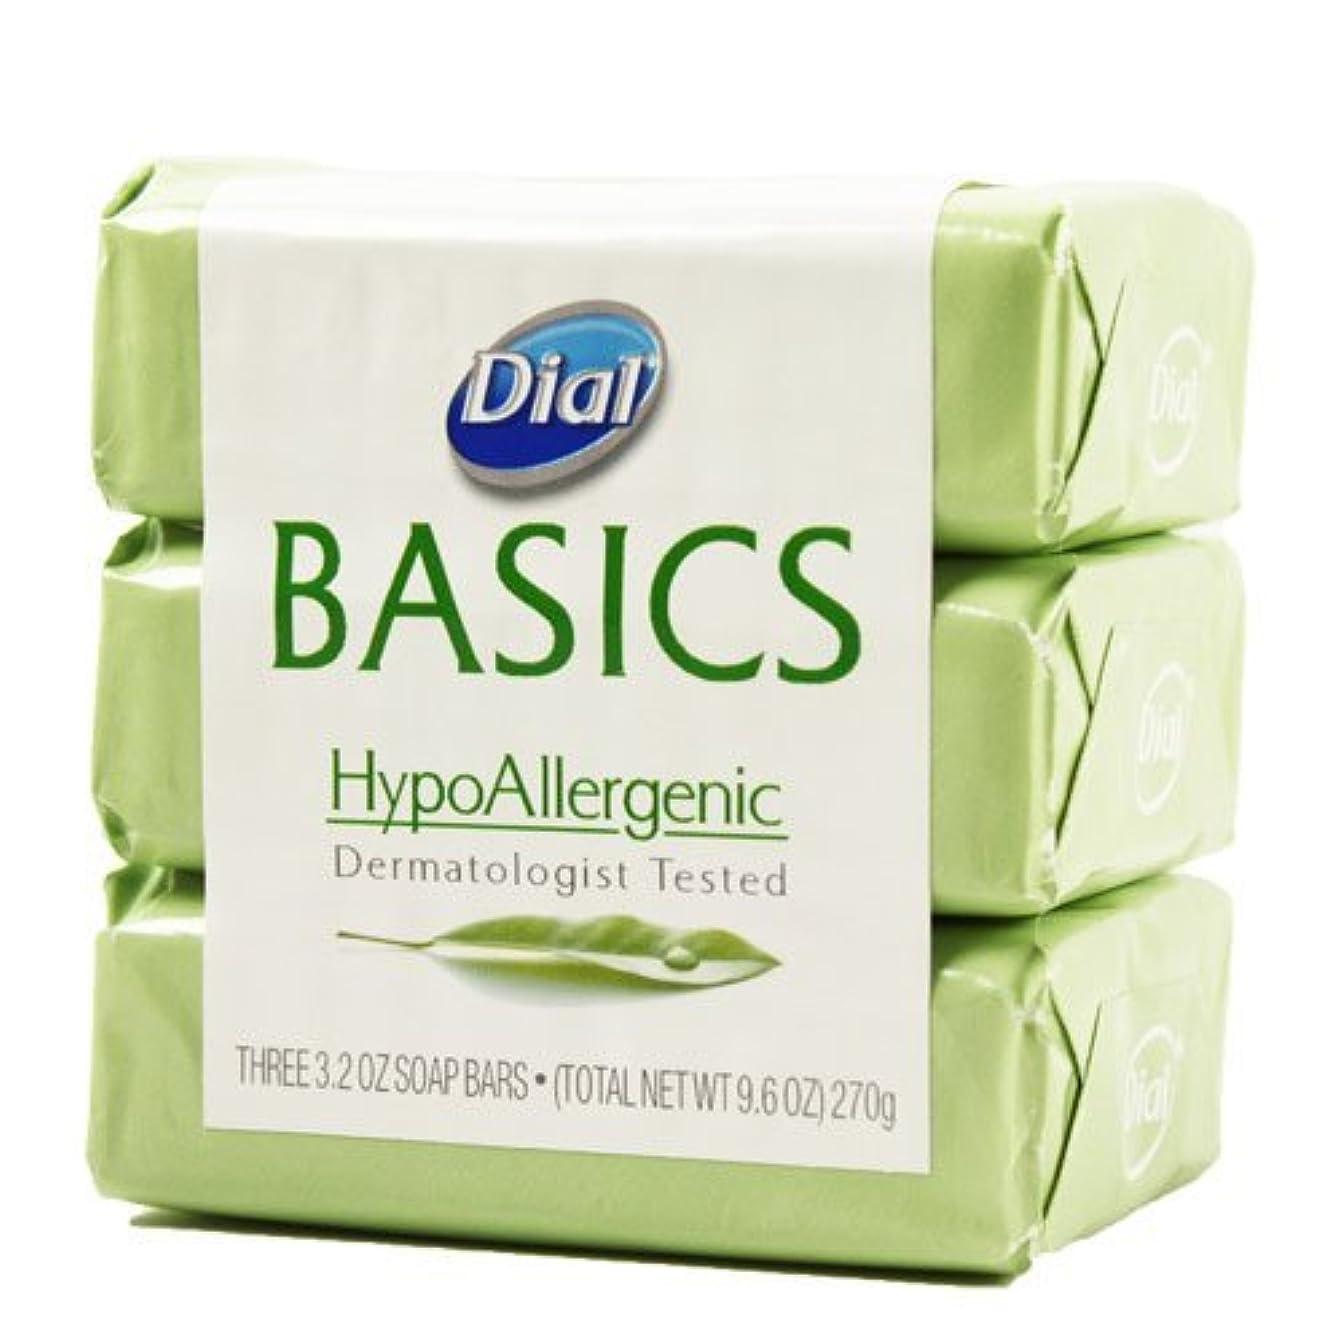 バンケット高い苦悩Dial Basics HypoAllergenic Dermatologist Tested Bar Soap, 3.2 oz (18 Bars) by Basics